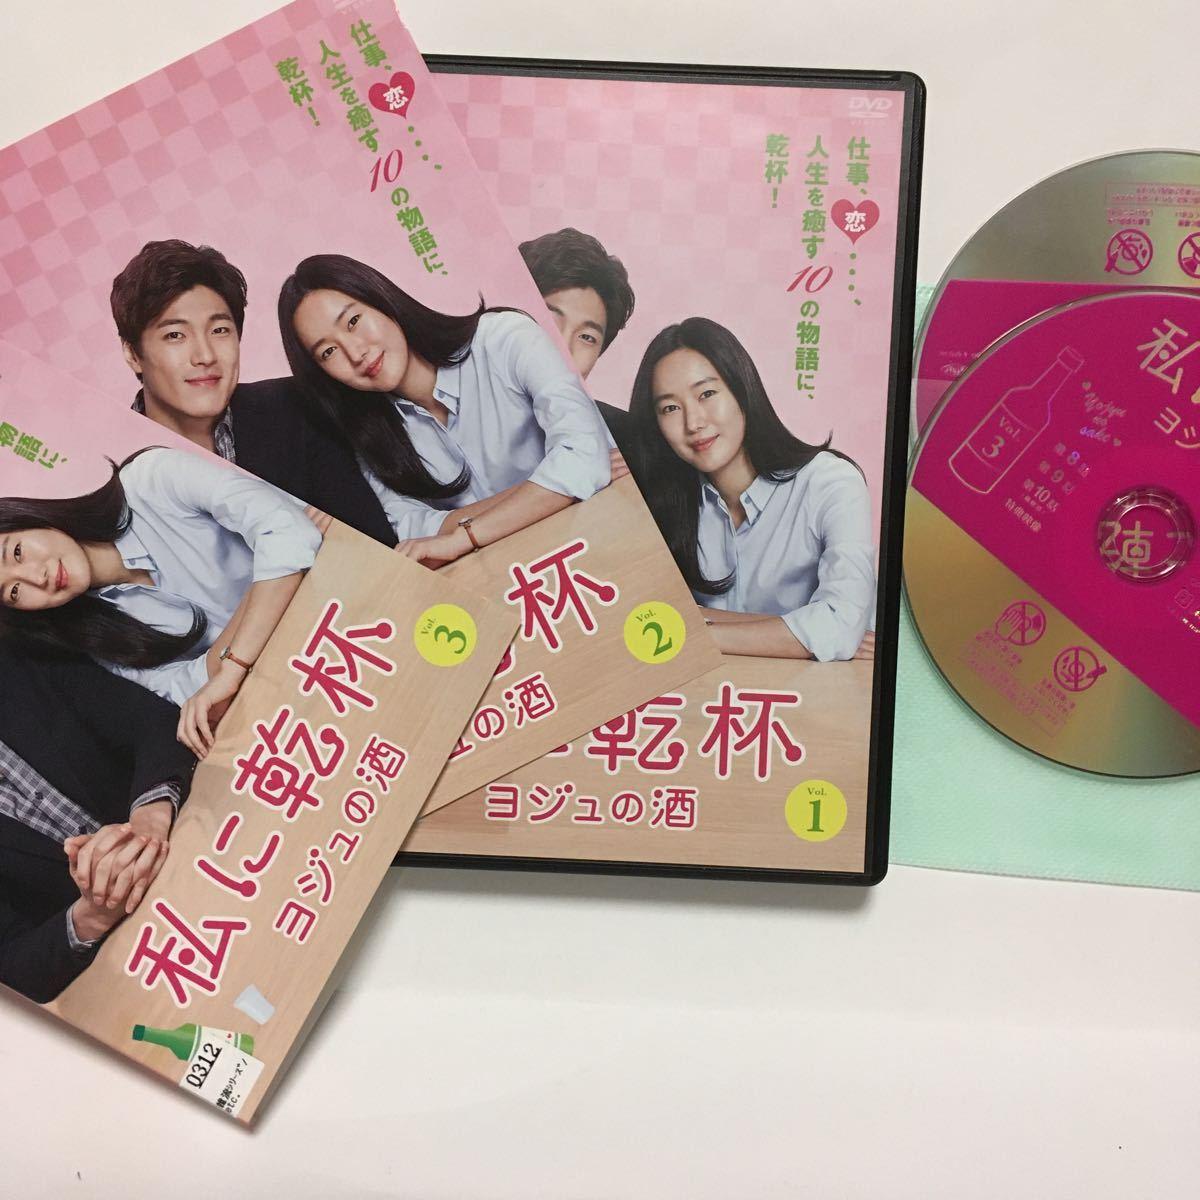 レンタル用DVD「私に乾杯 ヨジュの酒」全3巻セット 送料無料 ネコポス